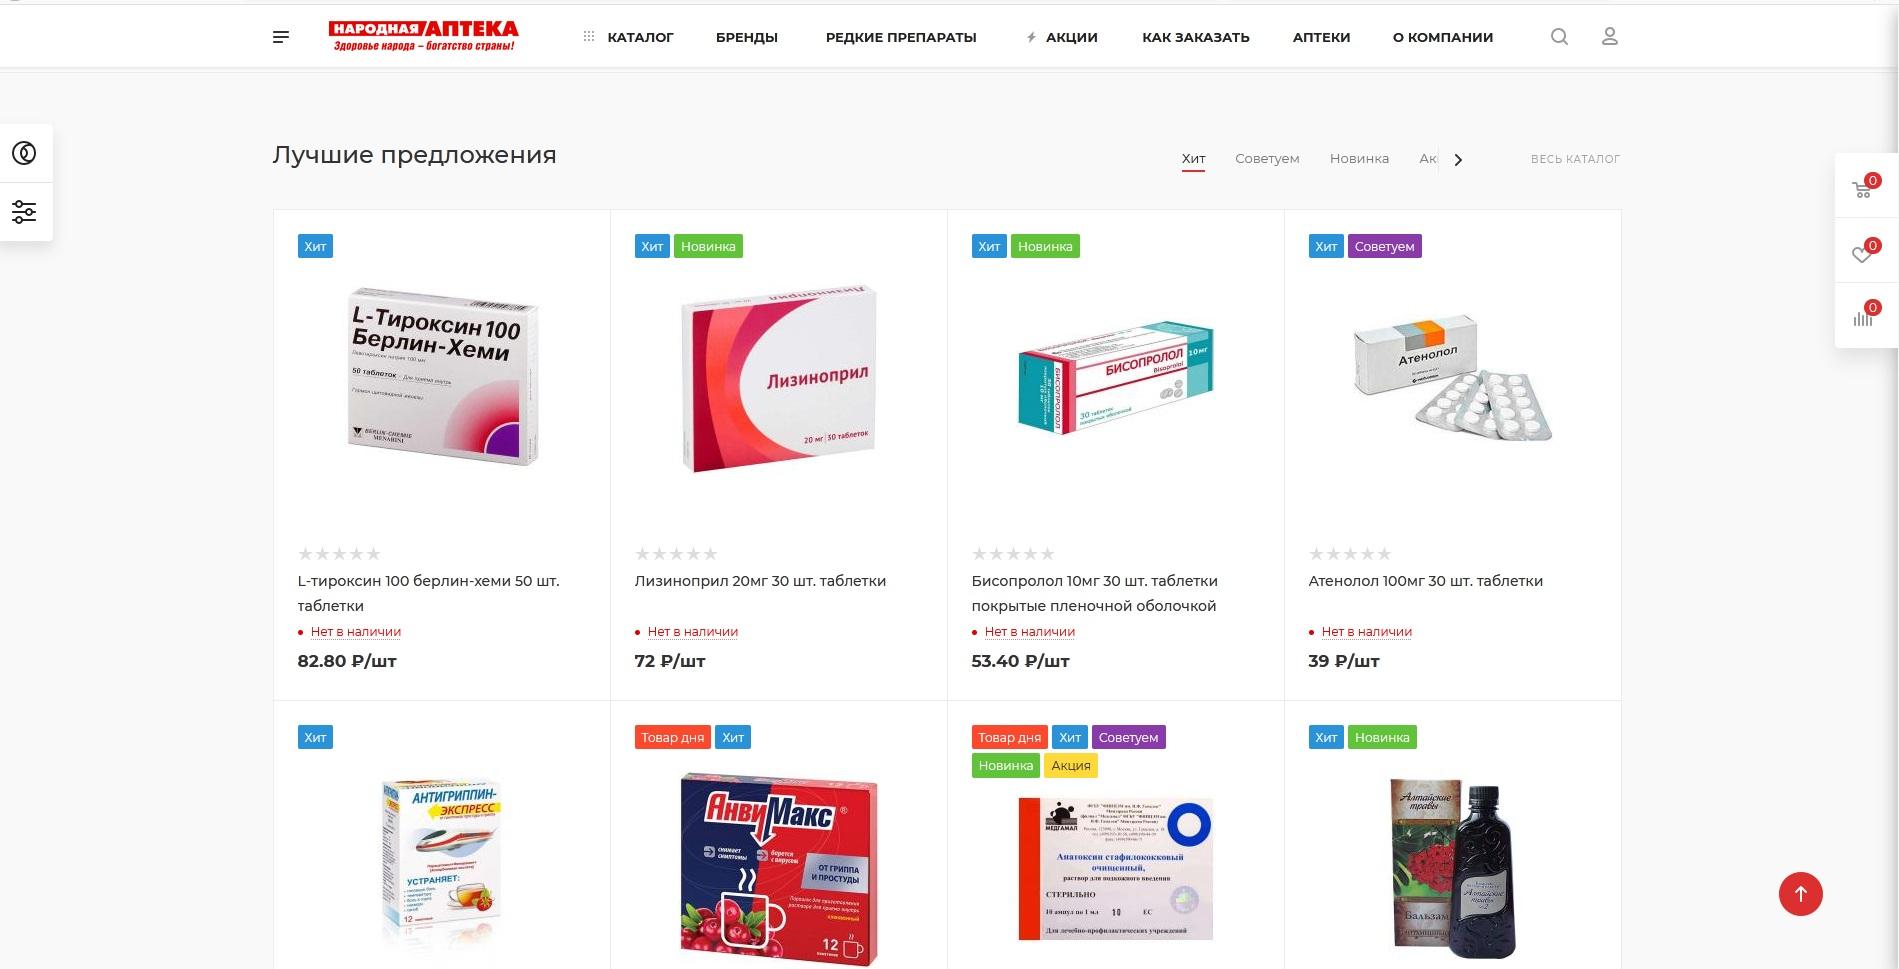 Народная аптека (1С Битрикс)